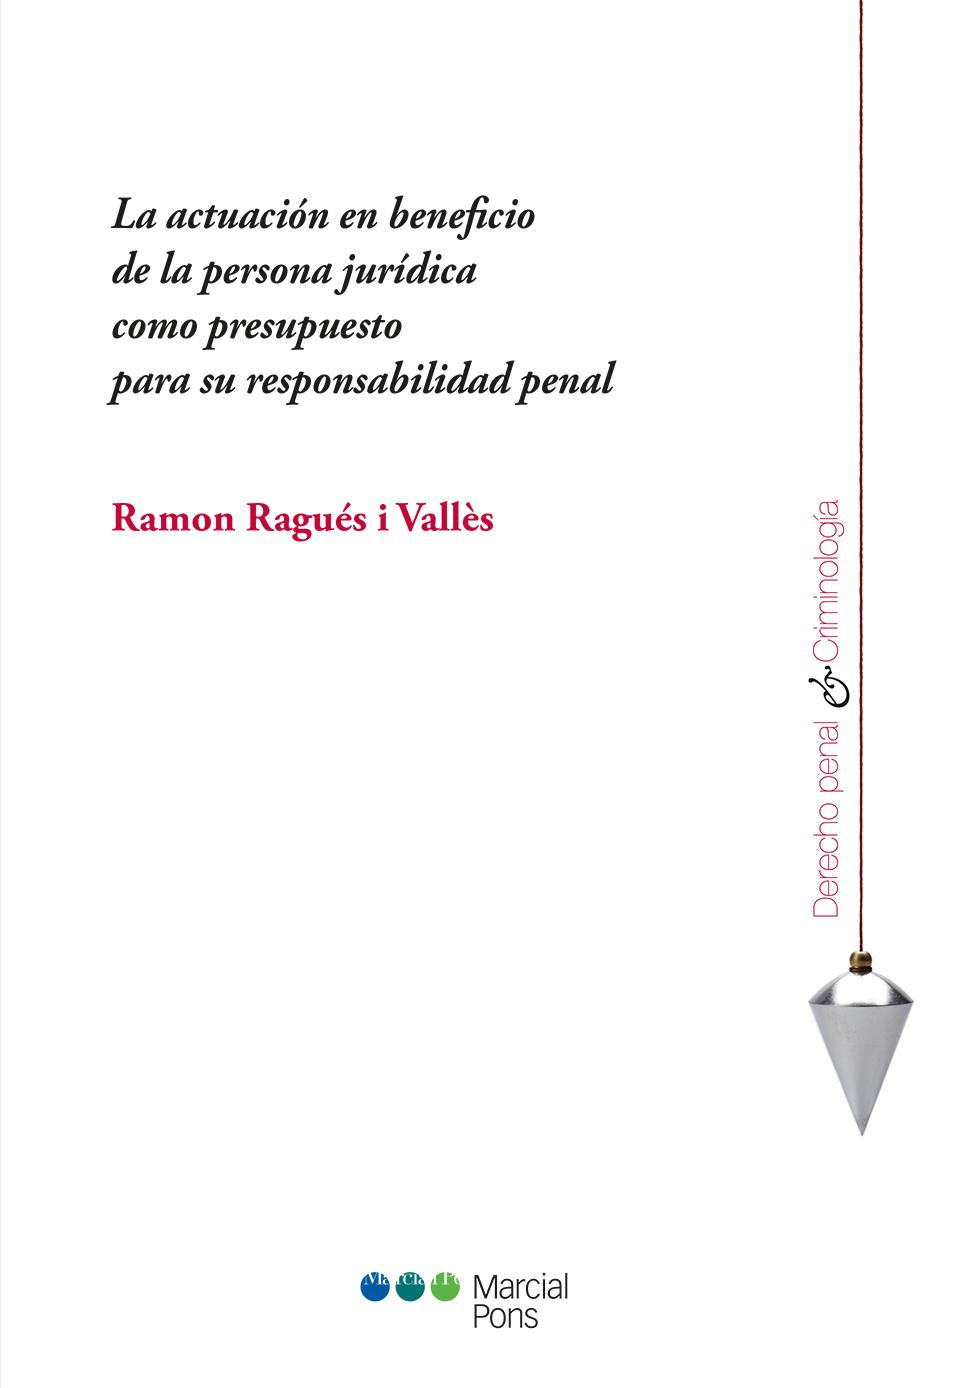 Portada del libro La actuación en beneficio de la persona jurídica como presupuesto para su responsabilidad penal